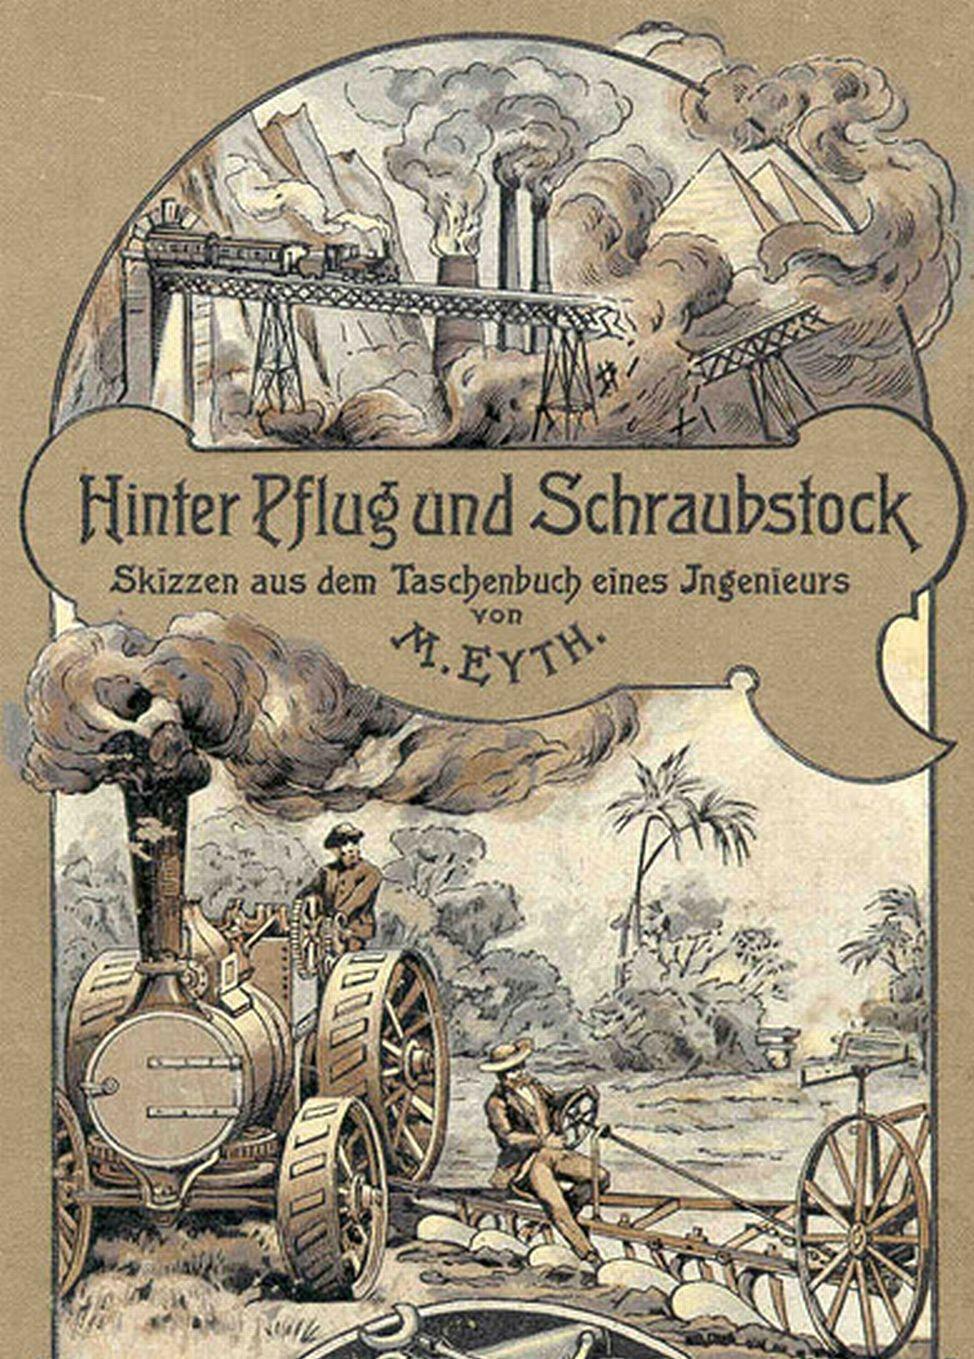 Max Eyth Hinter Pflug und Schraubstock